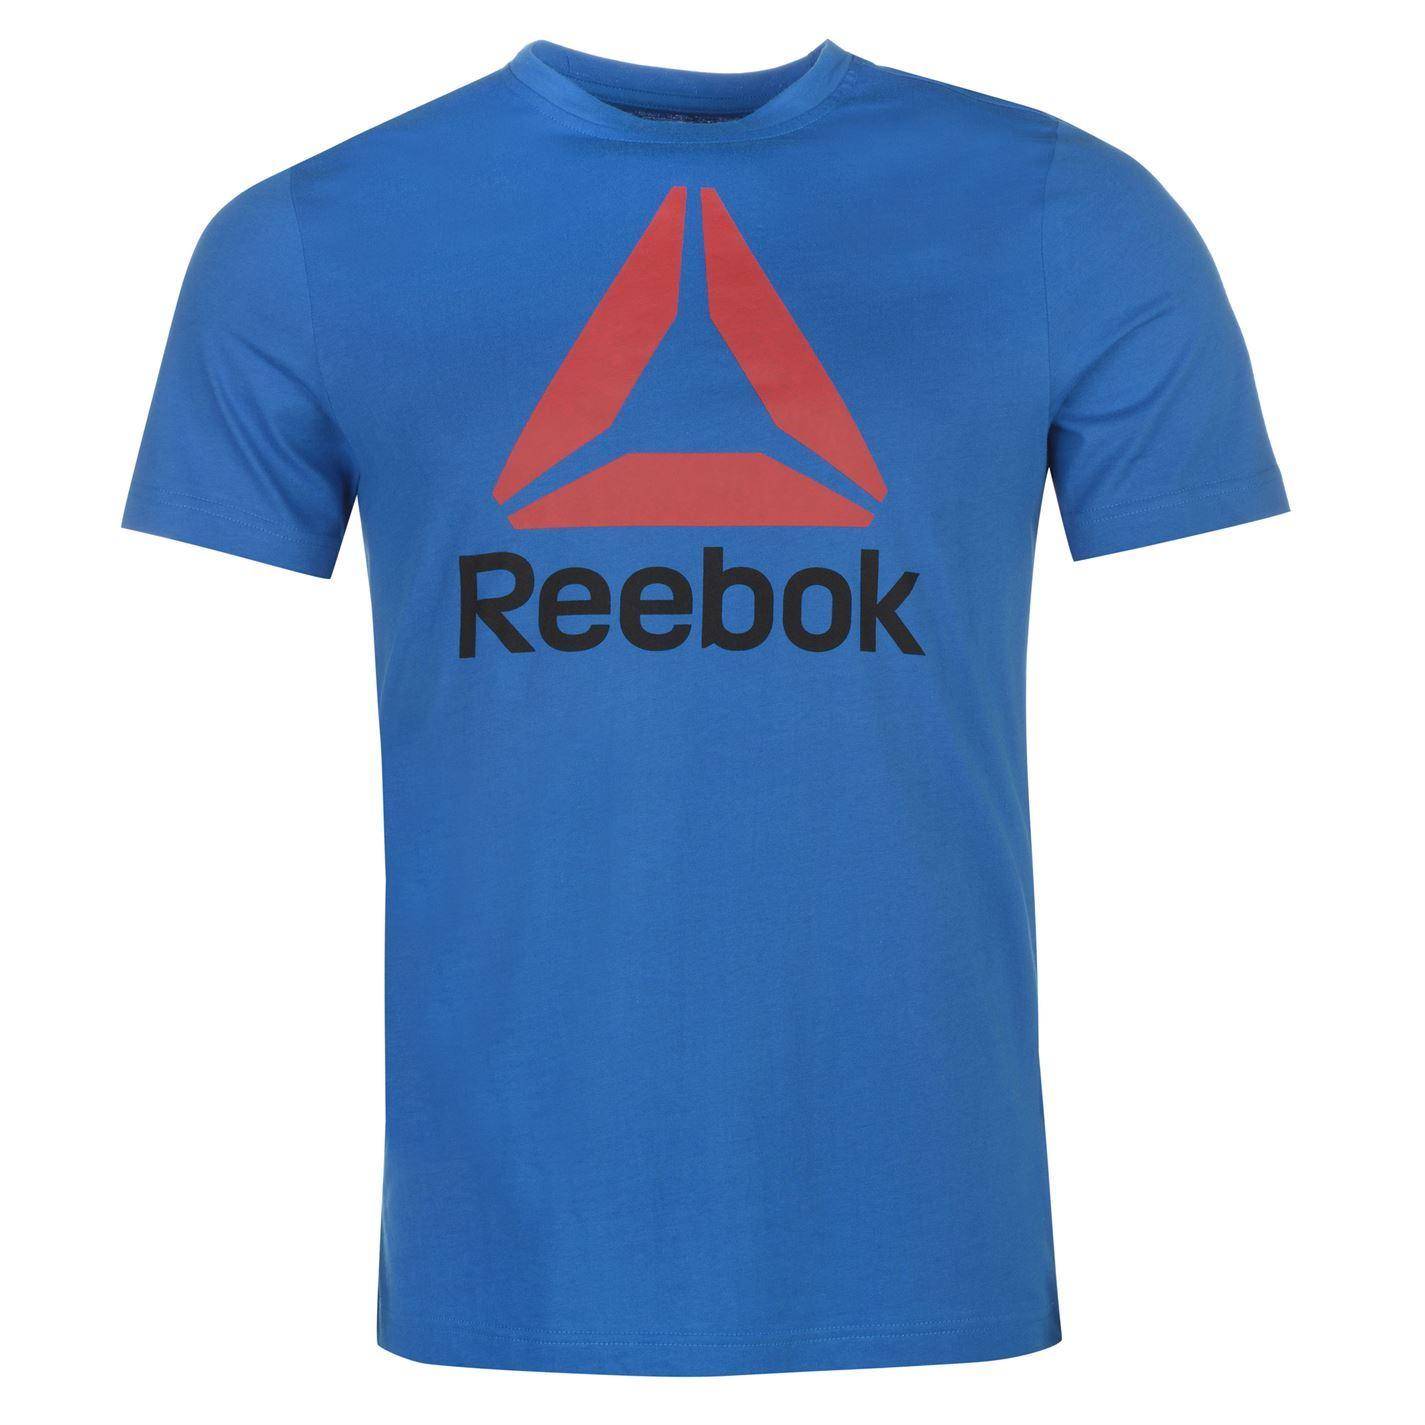 Reebok-Stack-Delta-Logo-T-Shirt-Mens-Tee-Shirt-Top thumbnail 9